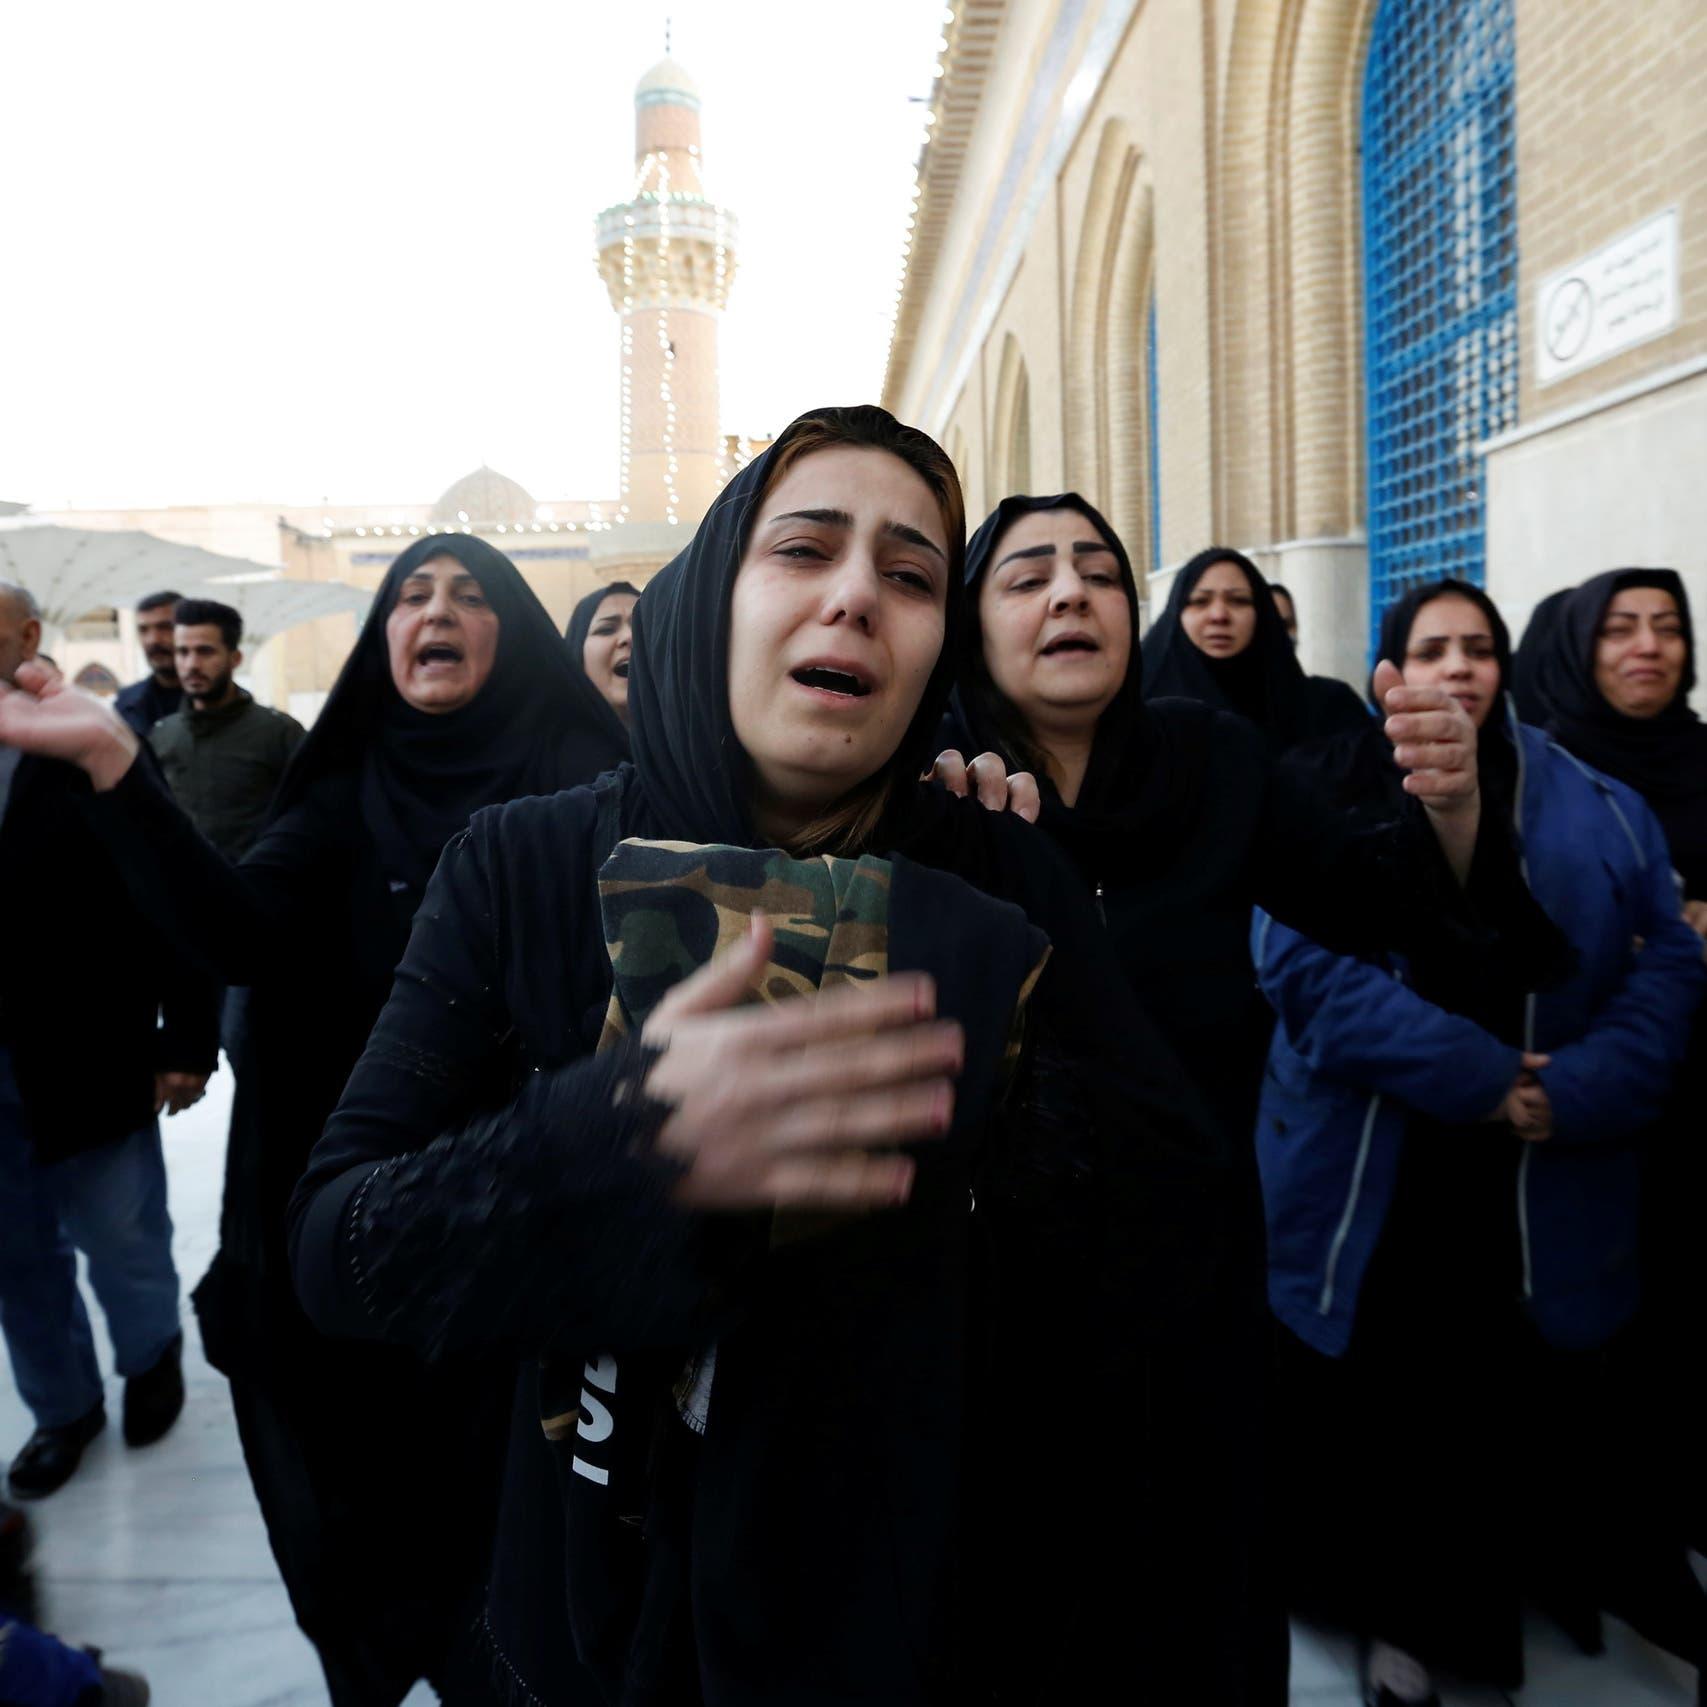 بغداد تلملم جراحها.. وتعهد باعتقال مساعدي الانتحاريين